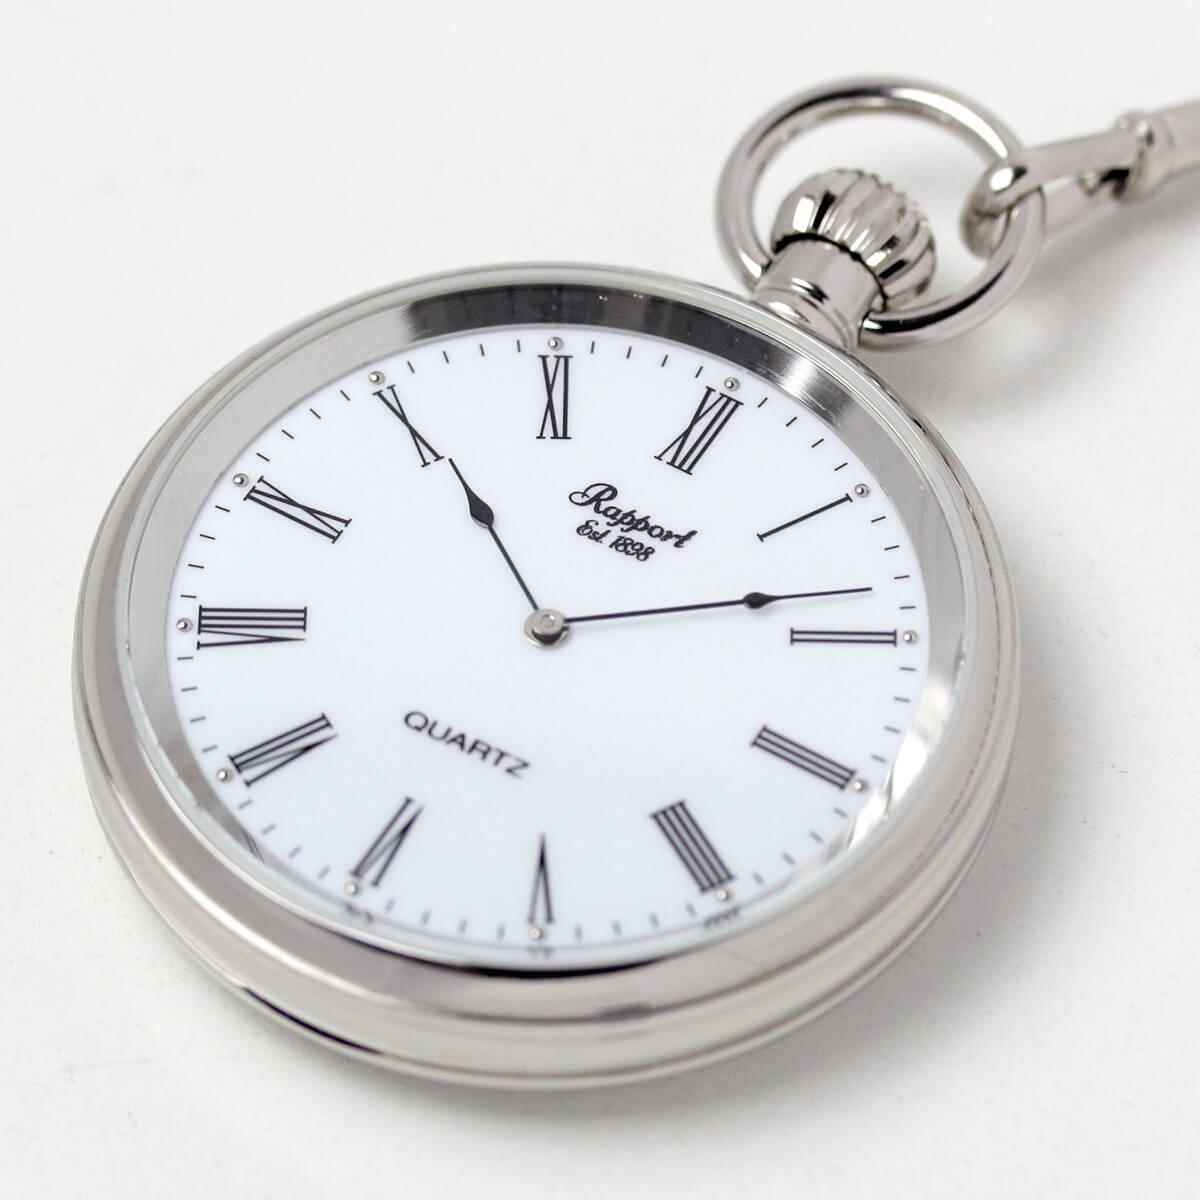 イギリスブランド rapport(ラポート) 懐中時計 pw39 手に乗せたイメージ